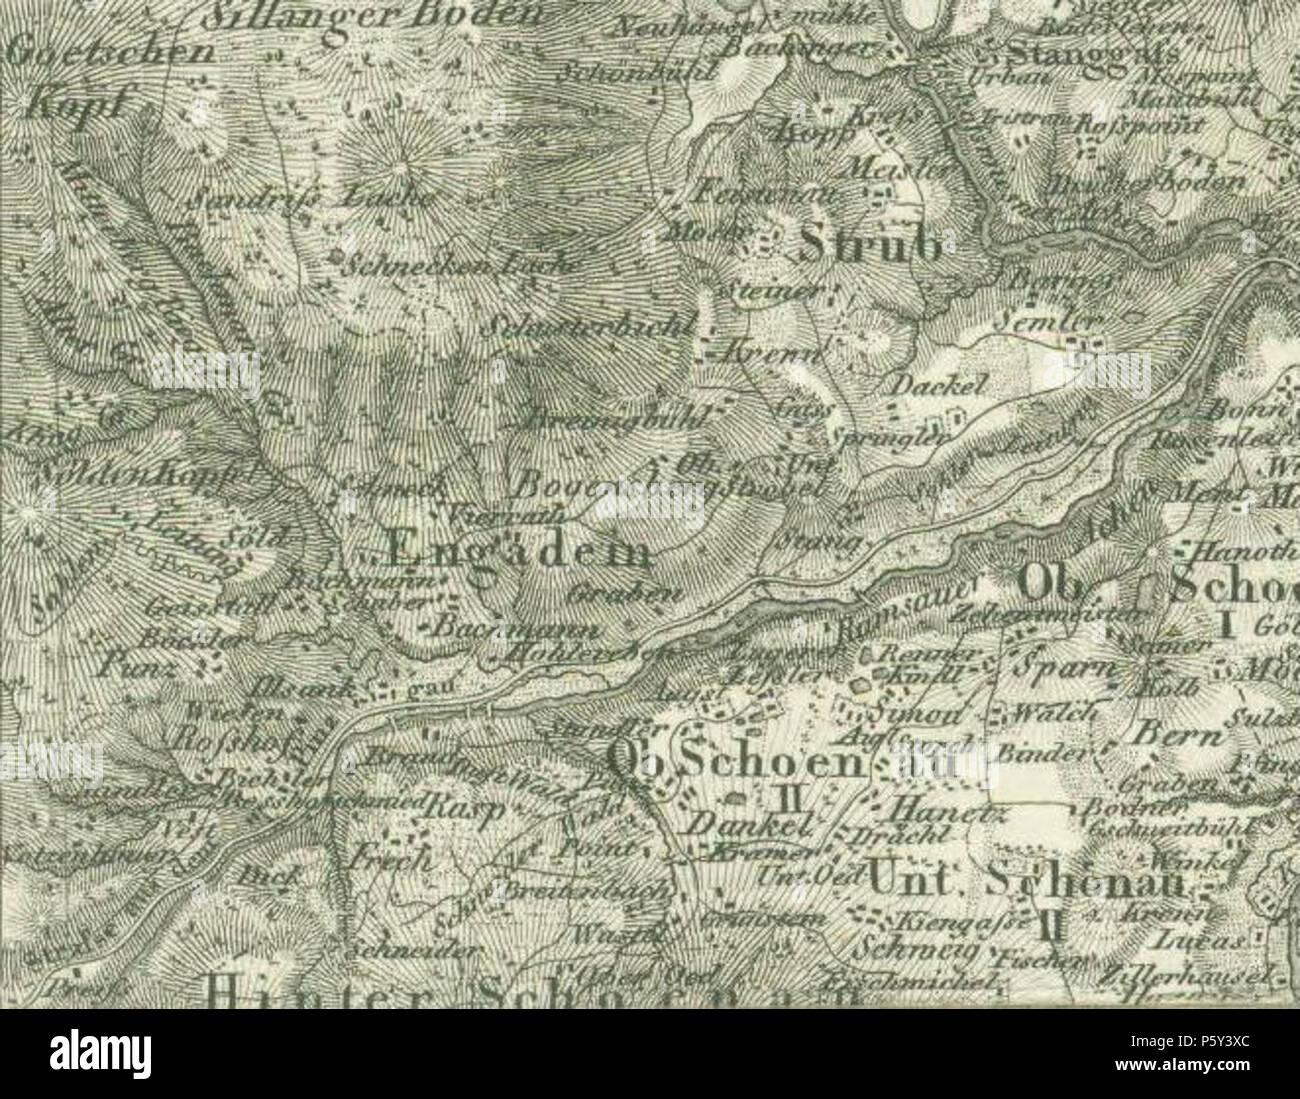 N A Englisch Anfang Des 19 Jahrhunderts Karte Von Engadey